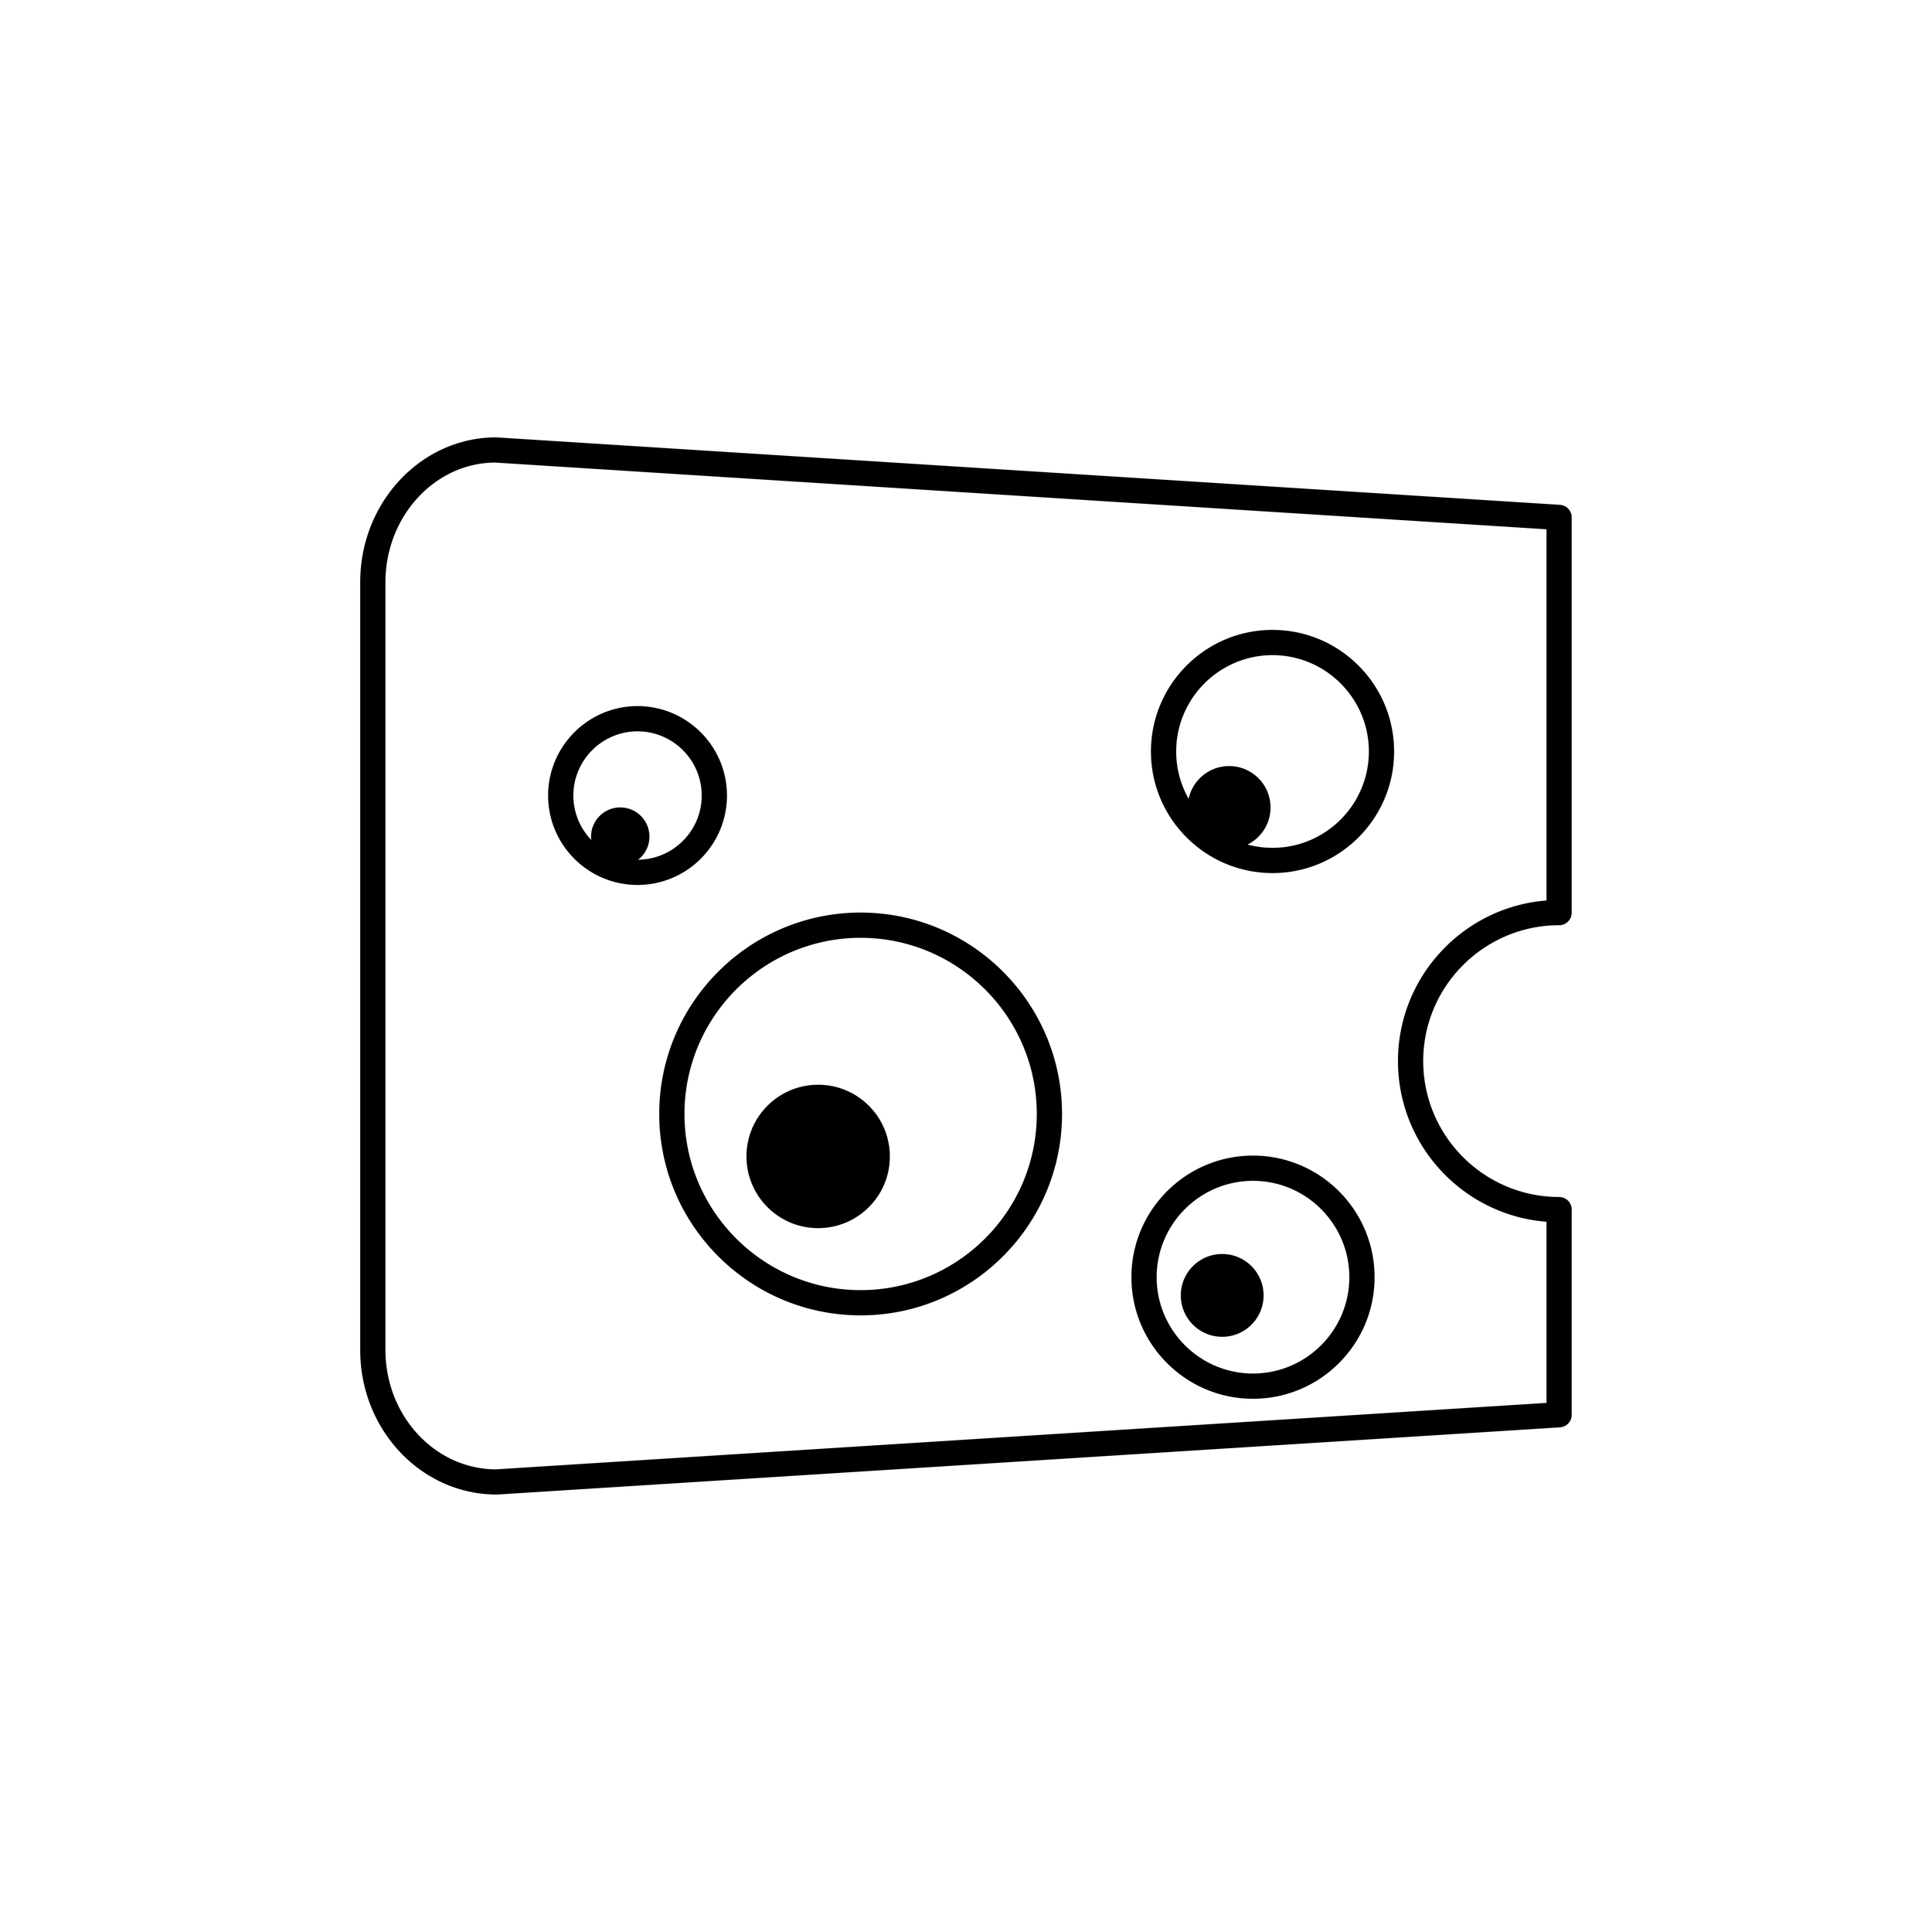 eyes-11.jpg